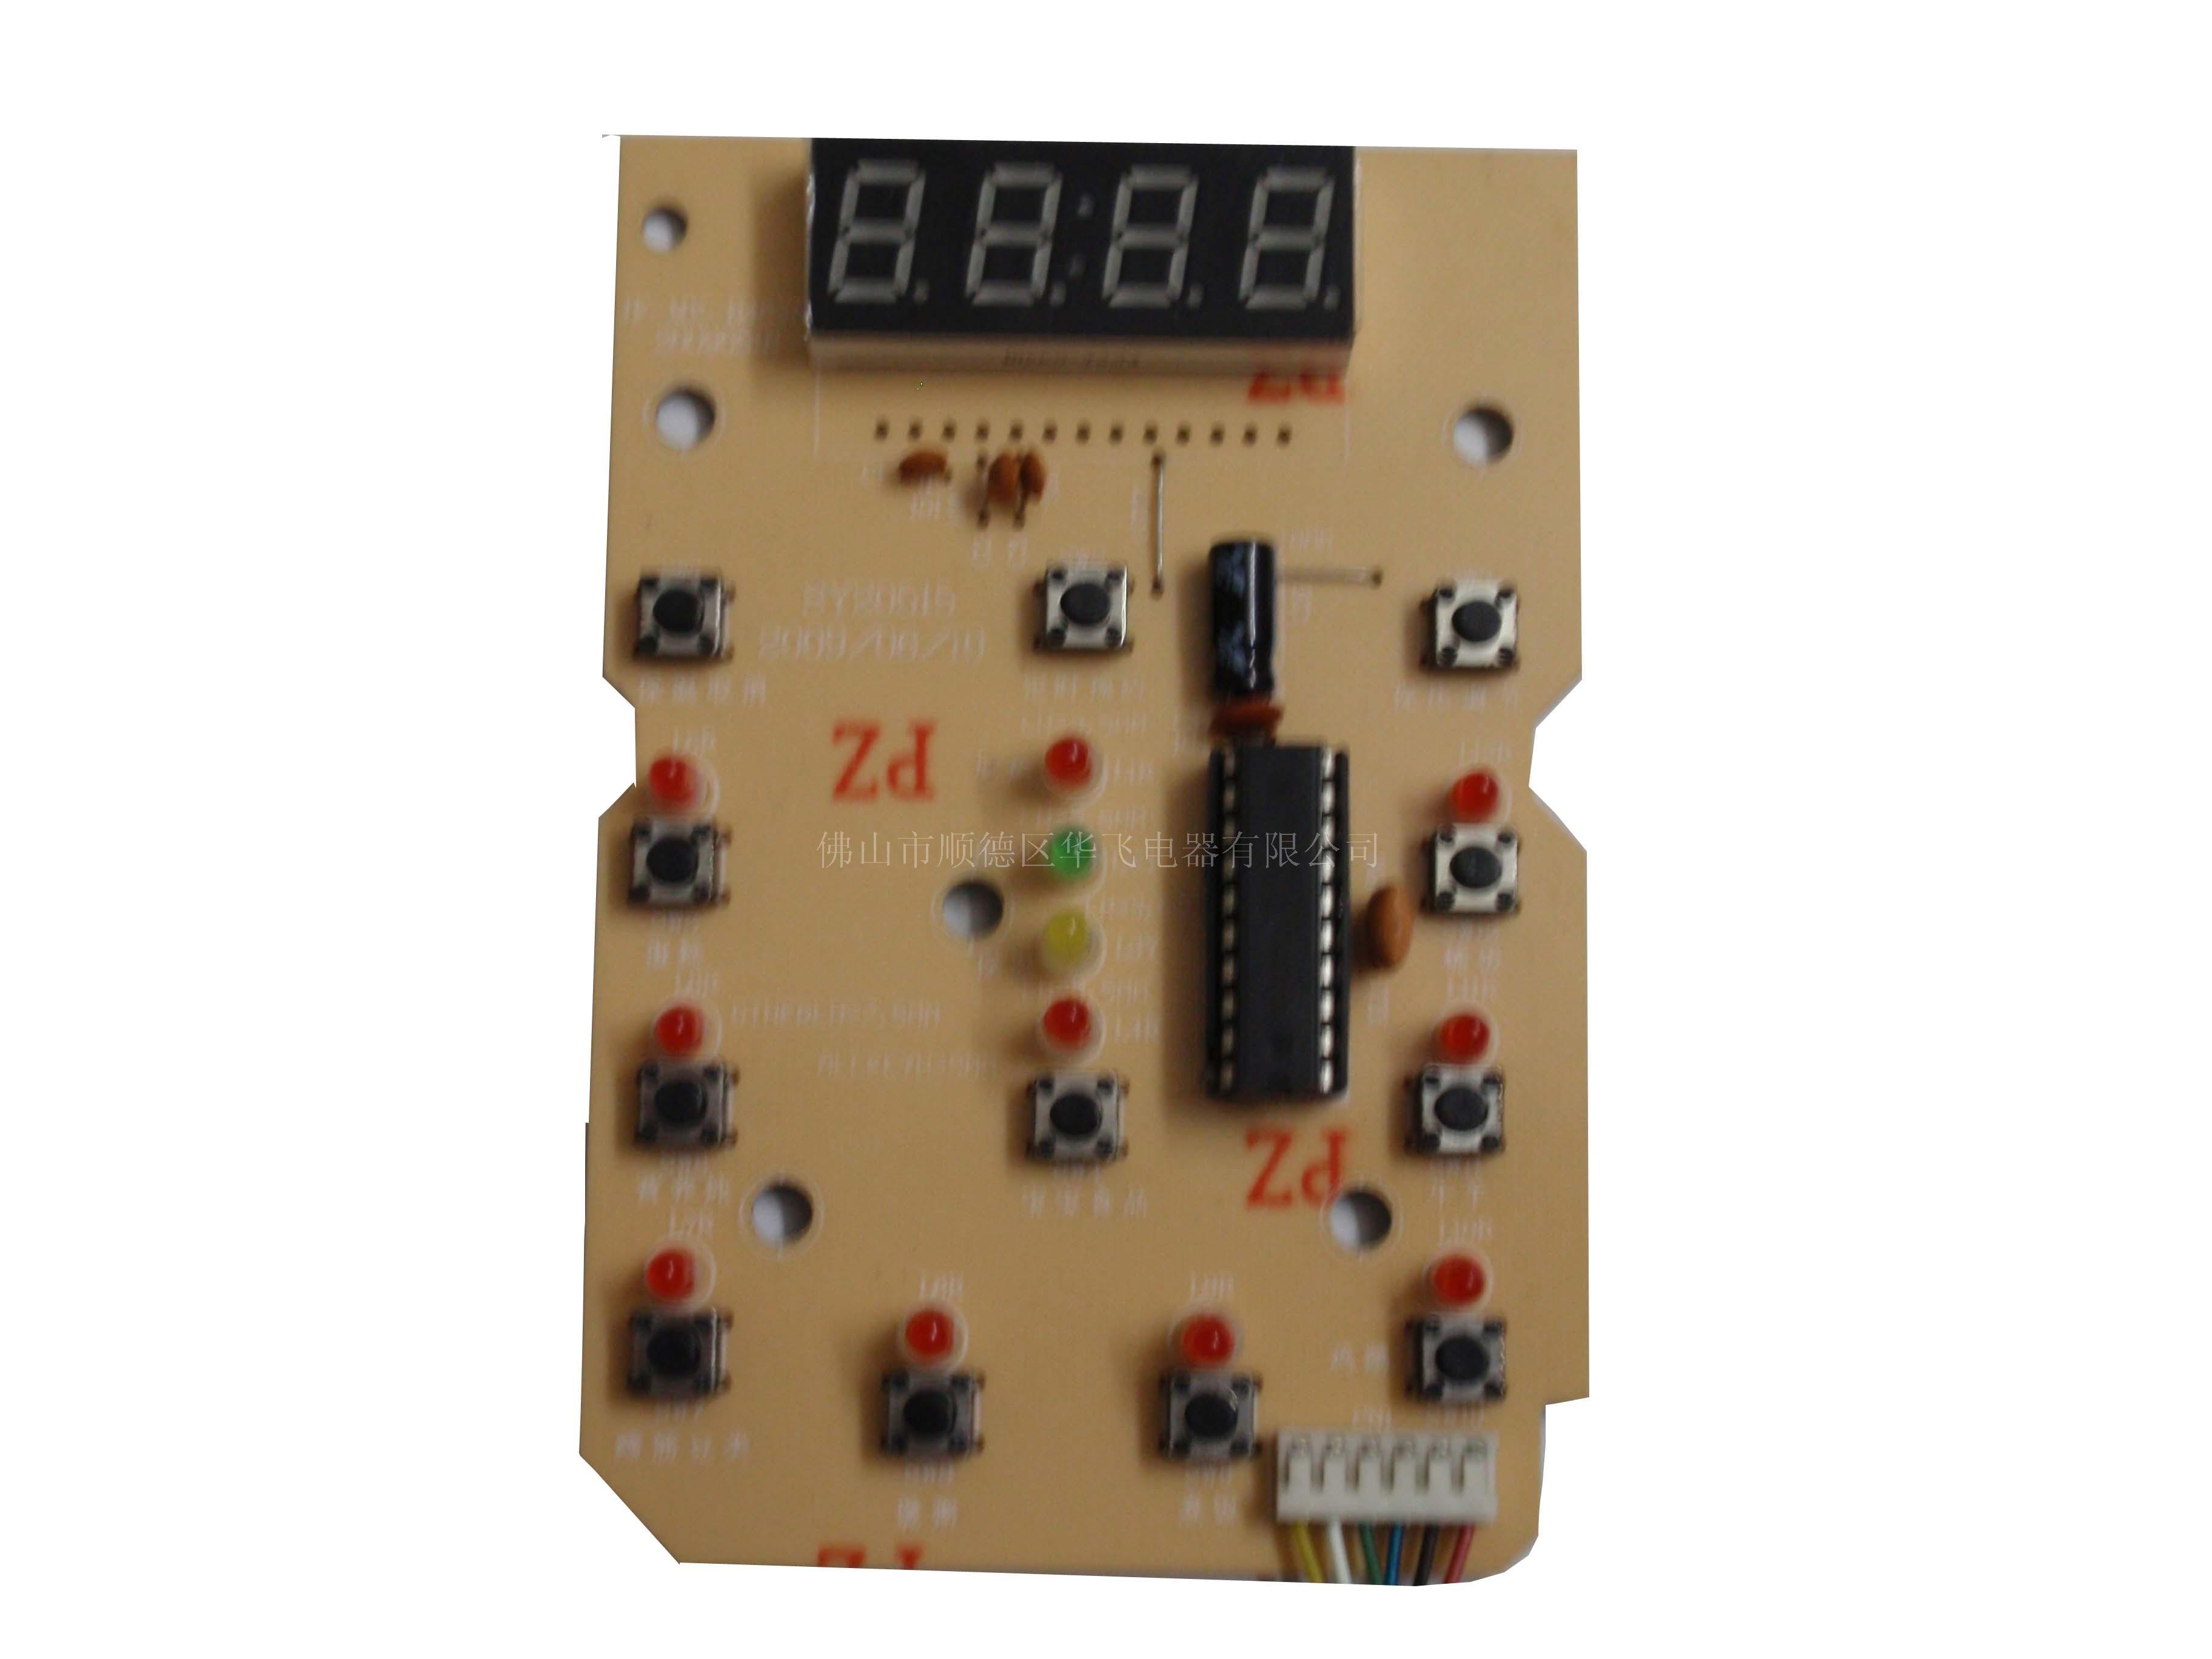 压力锅控制板-显示板_产品展示